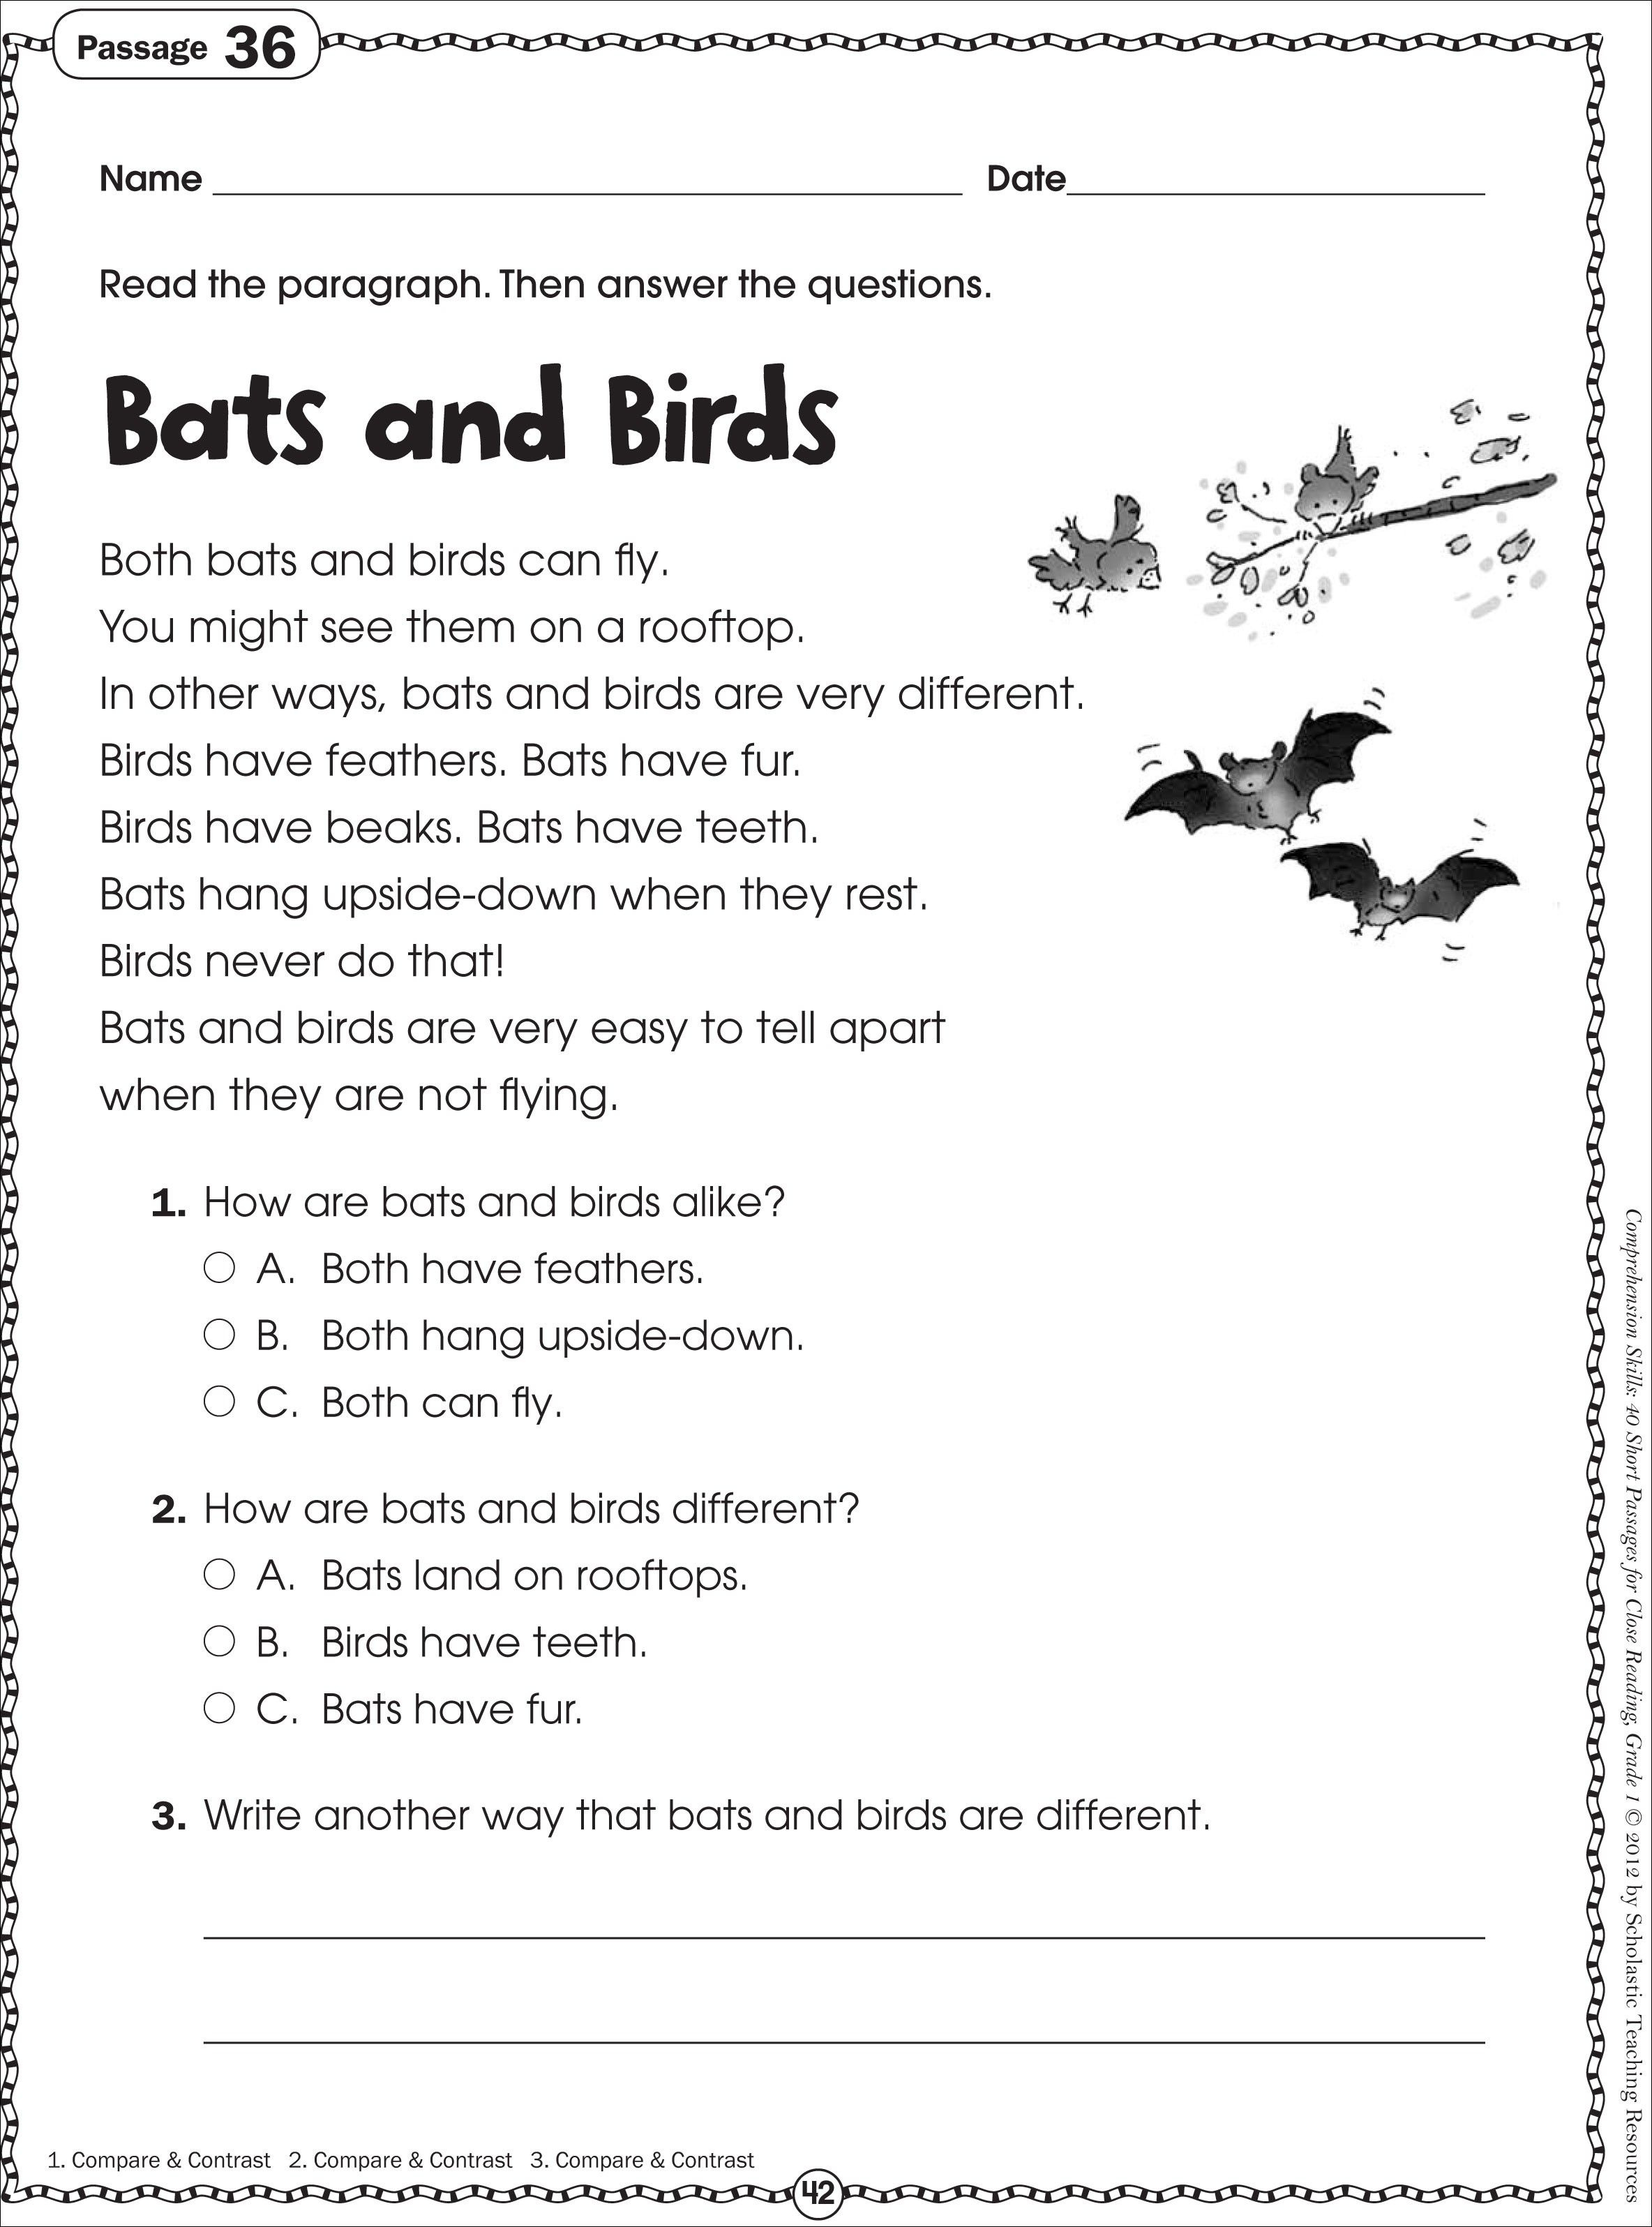 Free Printable Reading Comprehension Worksheets For Kindergarten - Free Printable Leveled Readers For Kindergarten